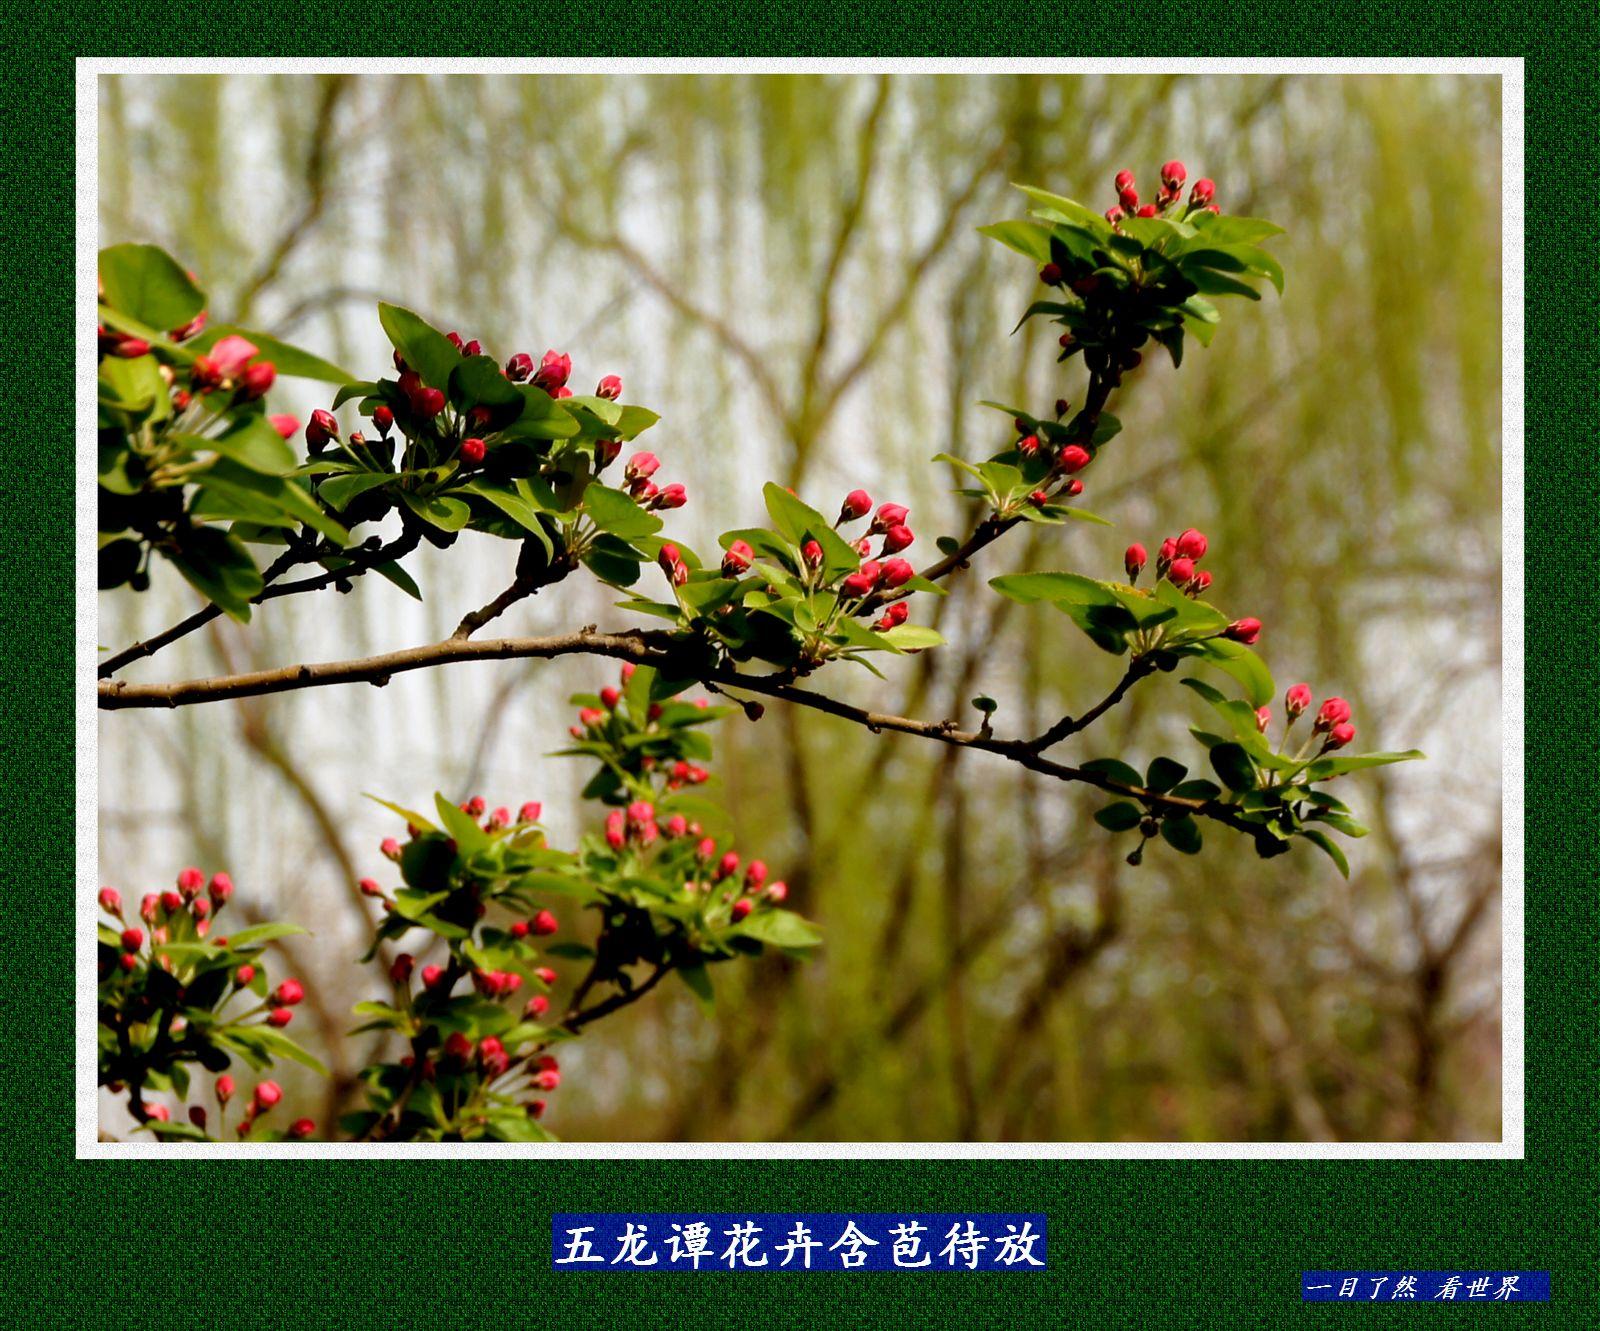 五龙谭花卉含苞待放-13-1600.jpg